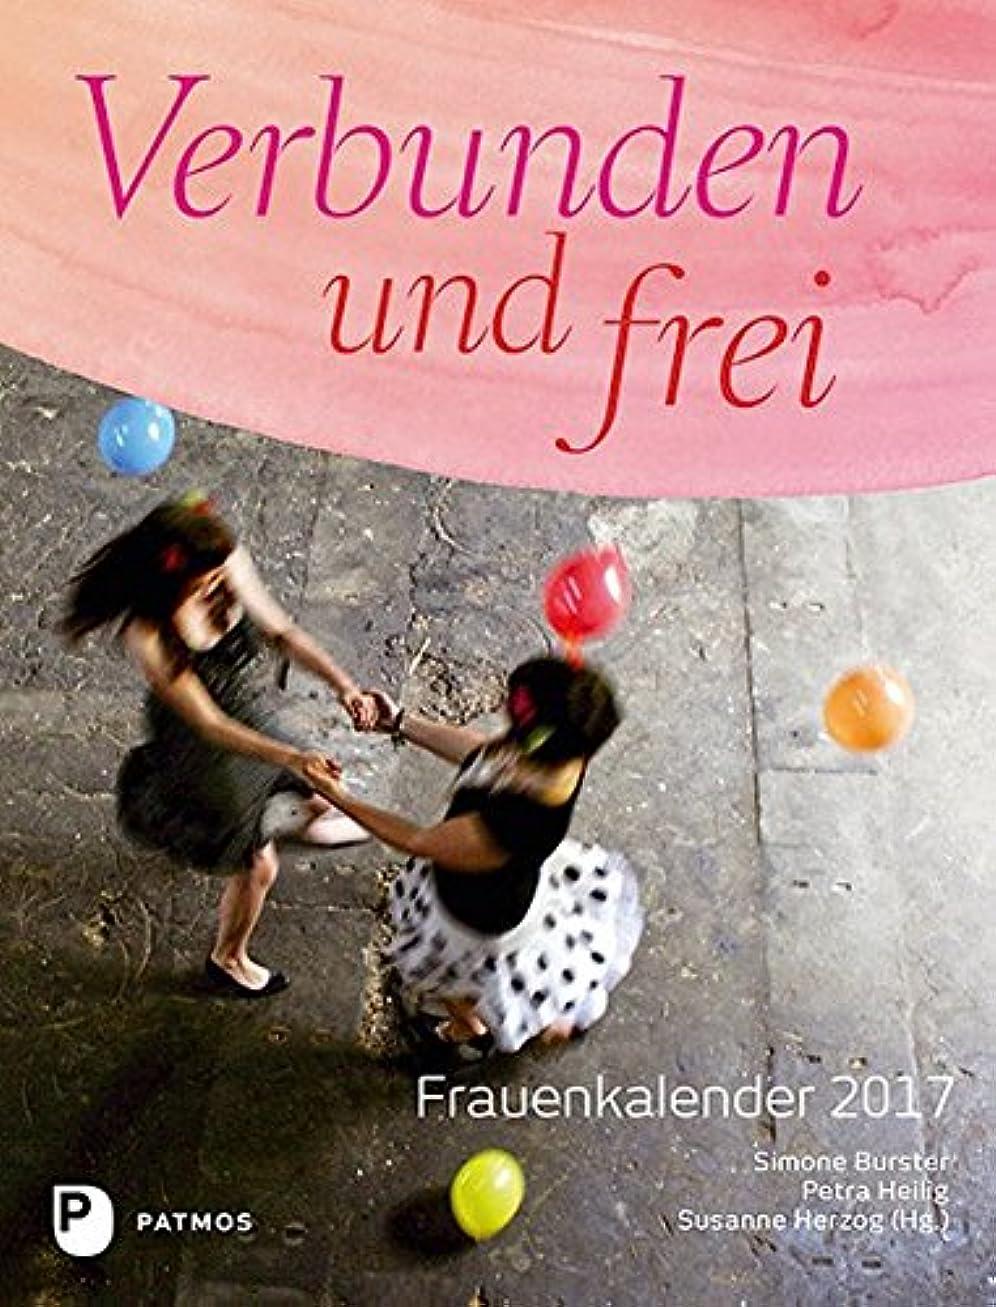 アッティカス普及喉が渇いたFrauenkalender 2017 -  Verbunden und frei